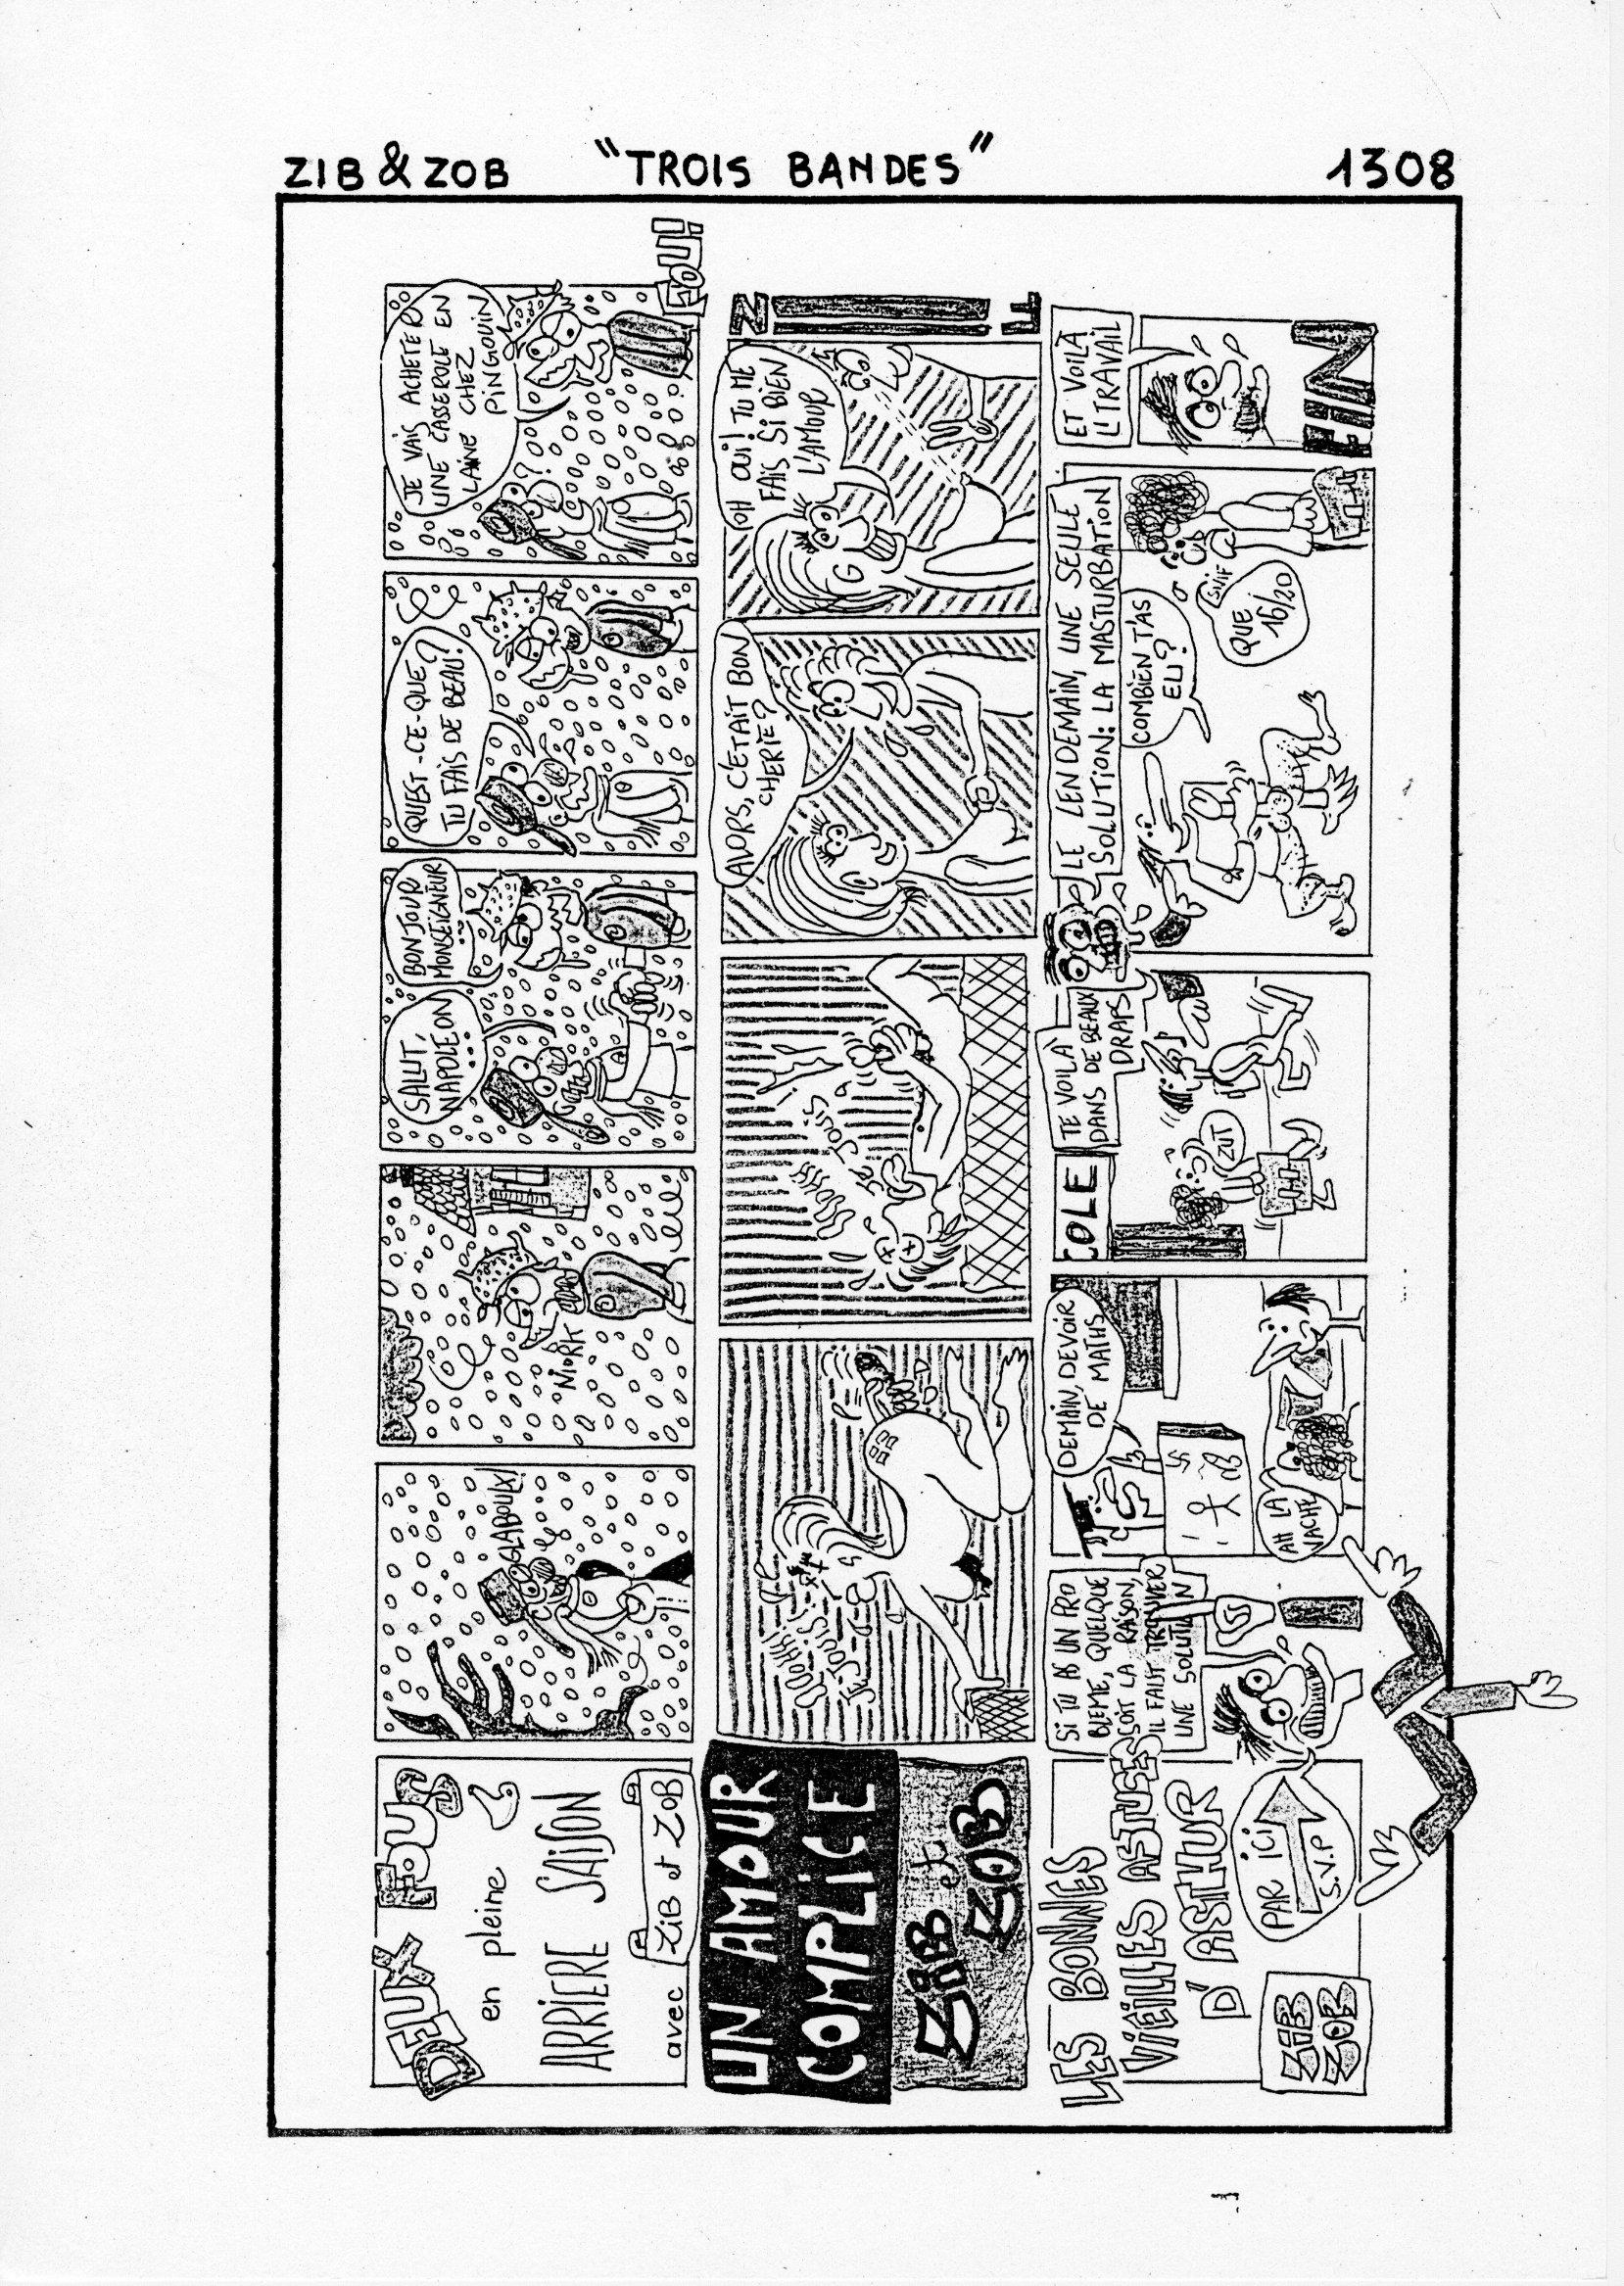 page 1308 Zib et Zob TROIS BANDES